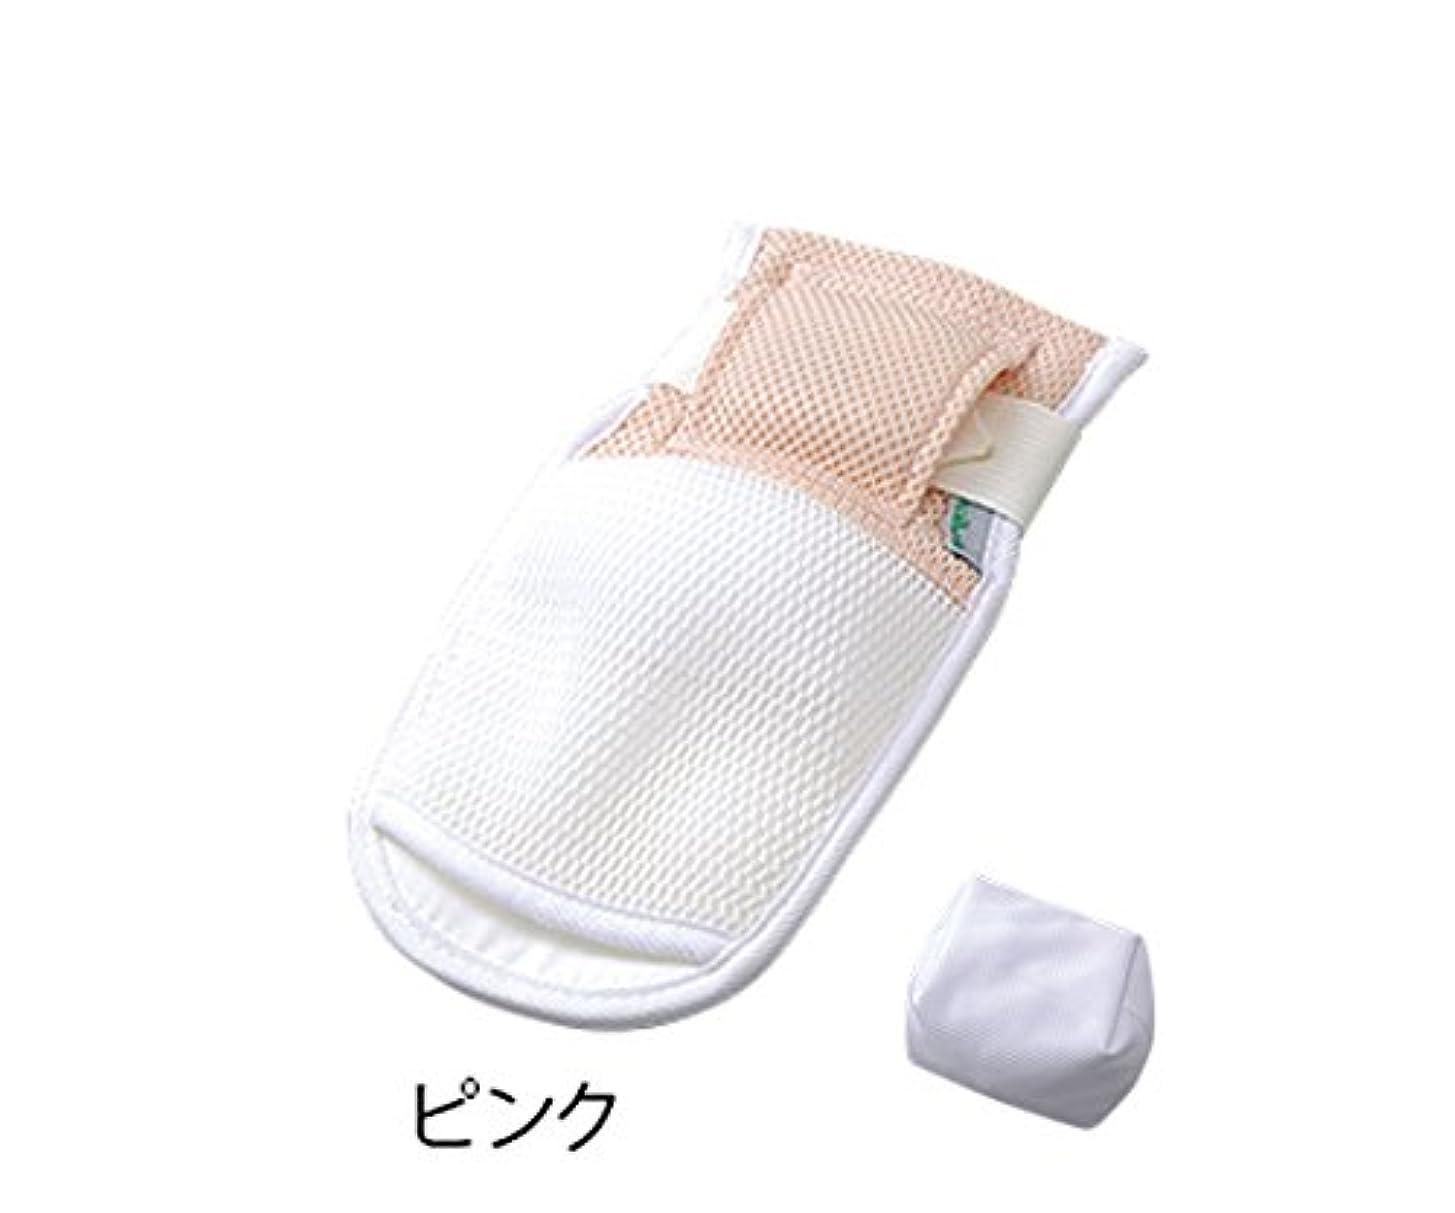 鍔フィット製品ナビス(アズワン)8-2153-05抜管防止手袋TMT-SPPピンク295×145mm